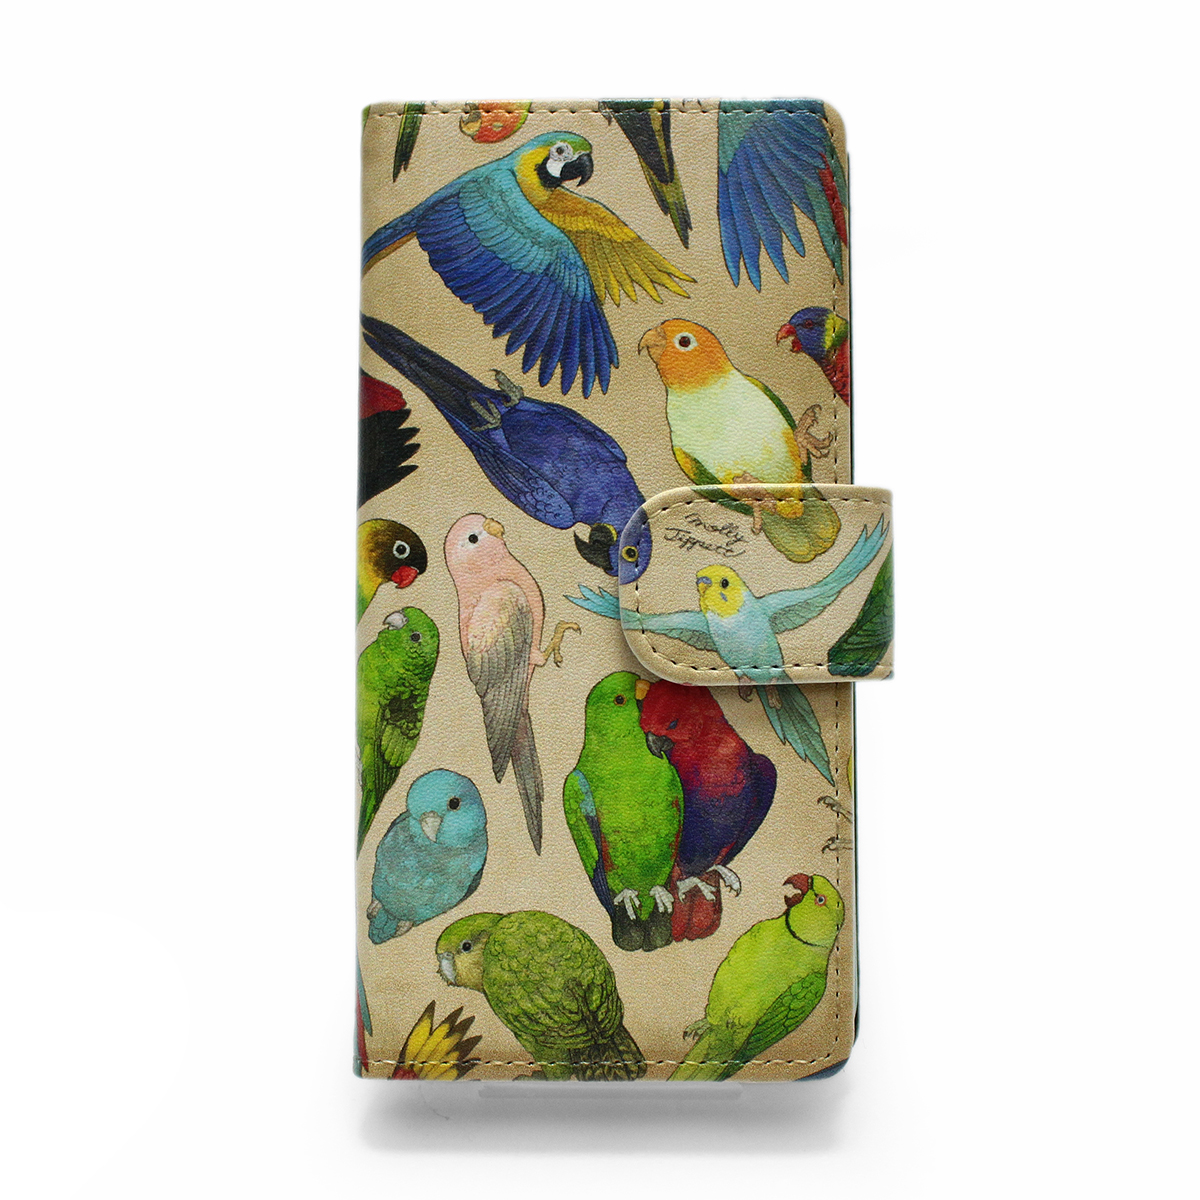 インコ科の鳥類 / スマートフォンケース(iPhone7/6s/6兼用)